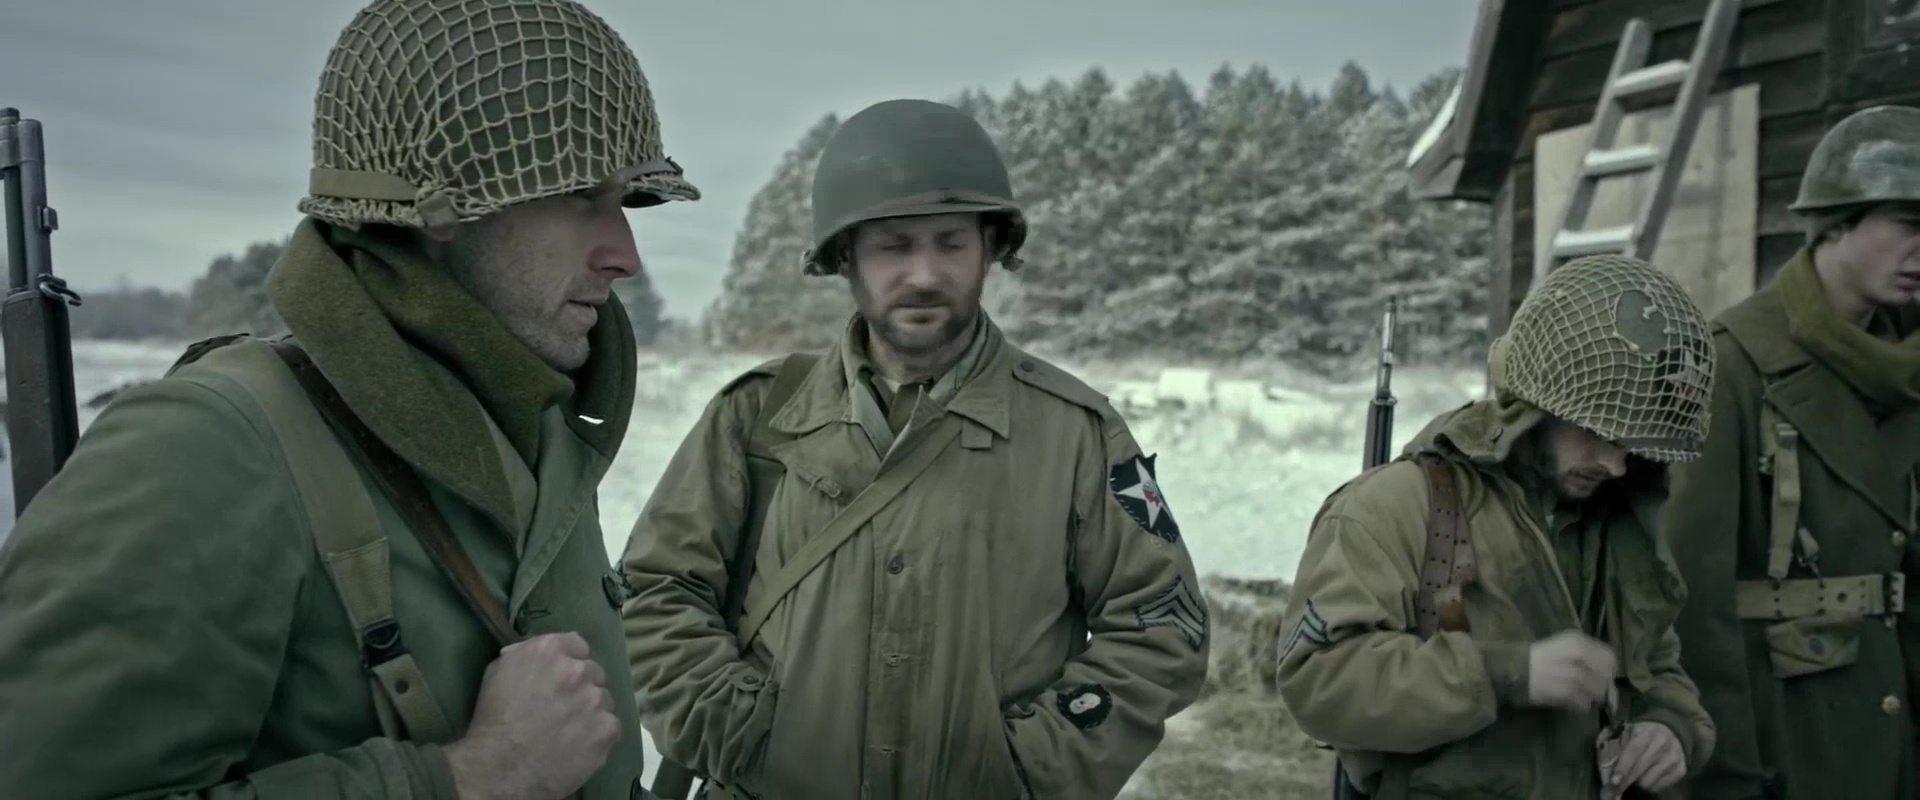 Битва в Арденнах ( 2018 ) смотреть онлайн бесплатно в HD хорошем качестве